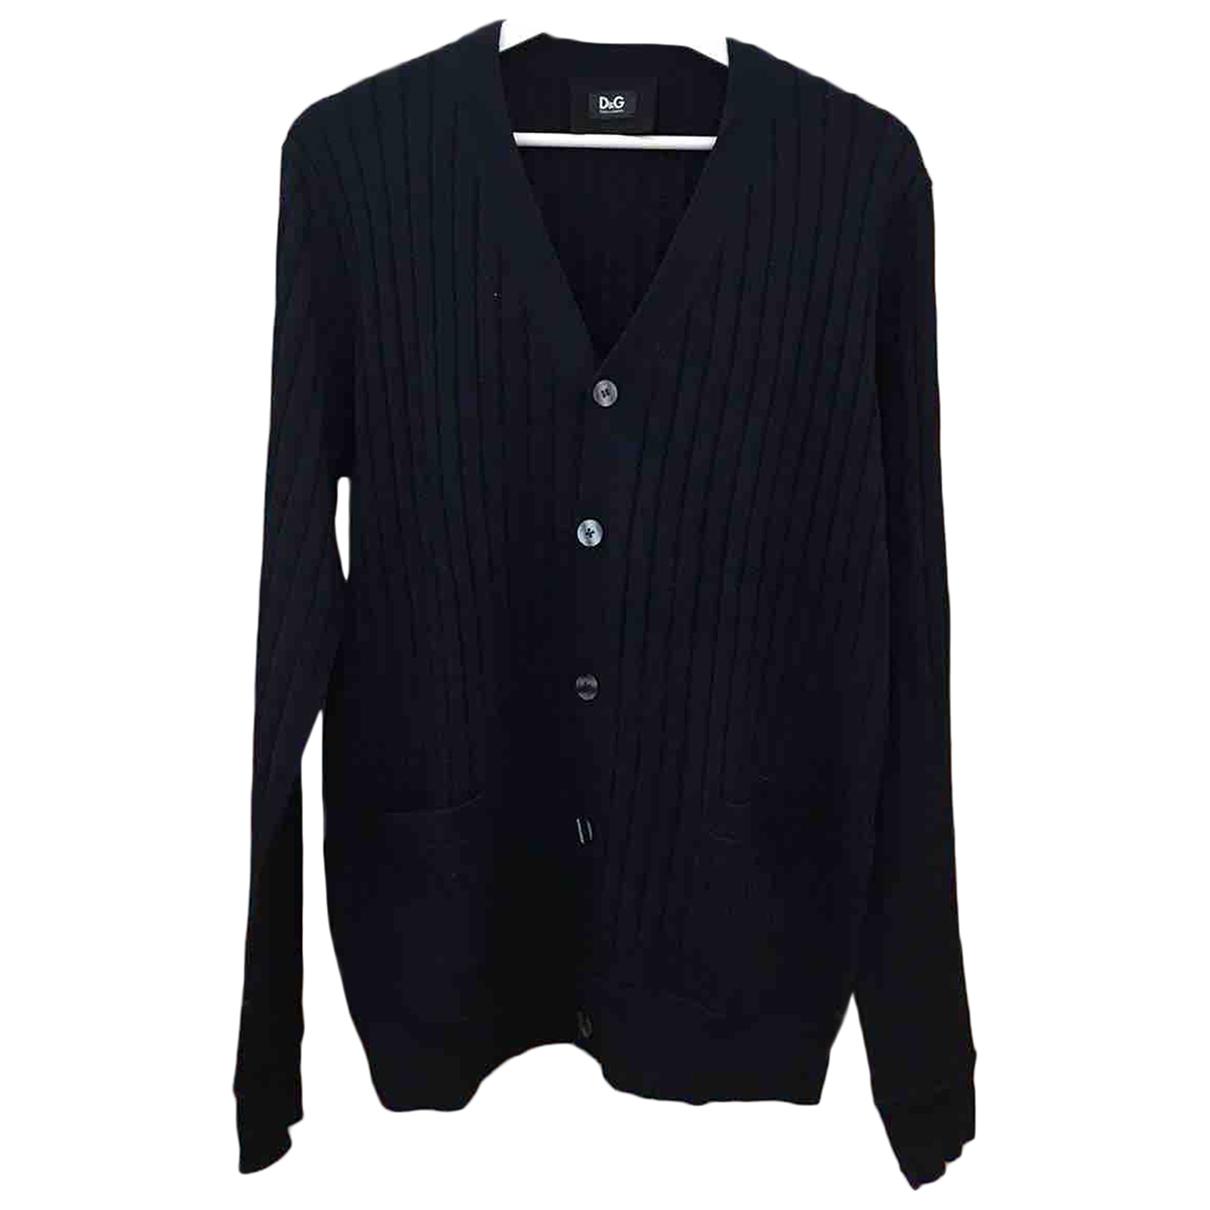 D&g - Pulls.Gilets.Sweats   pour homme en laine - bleu